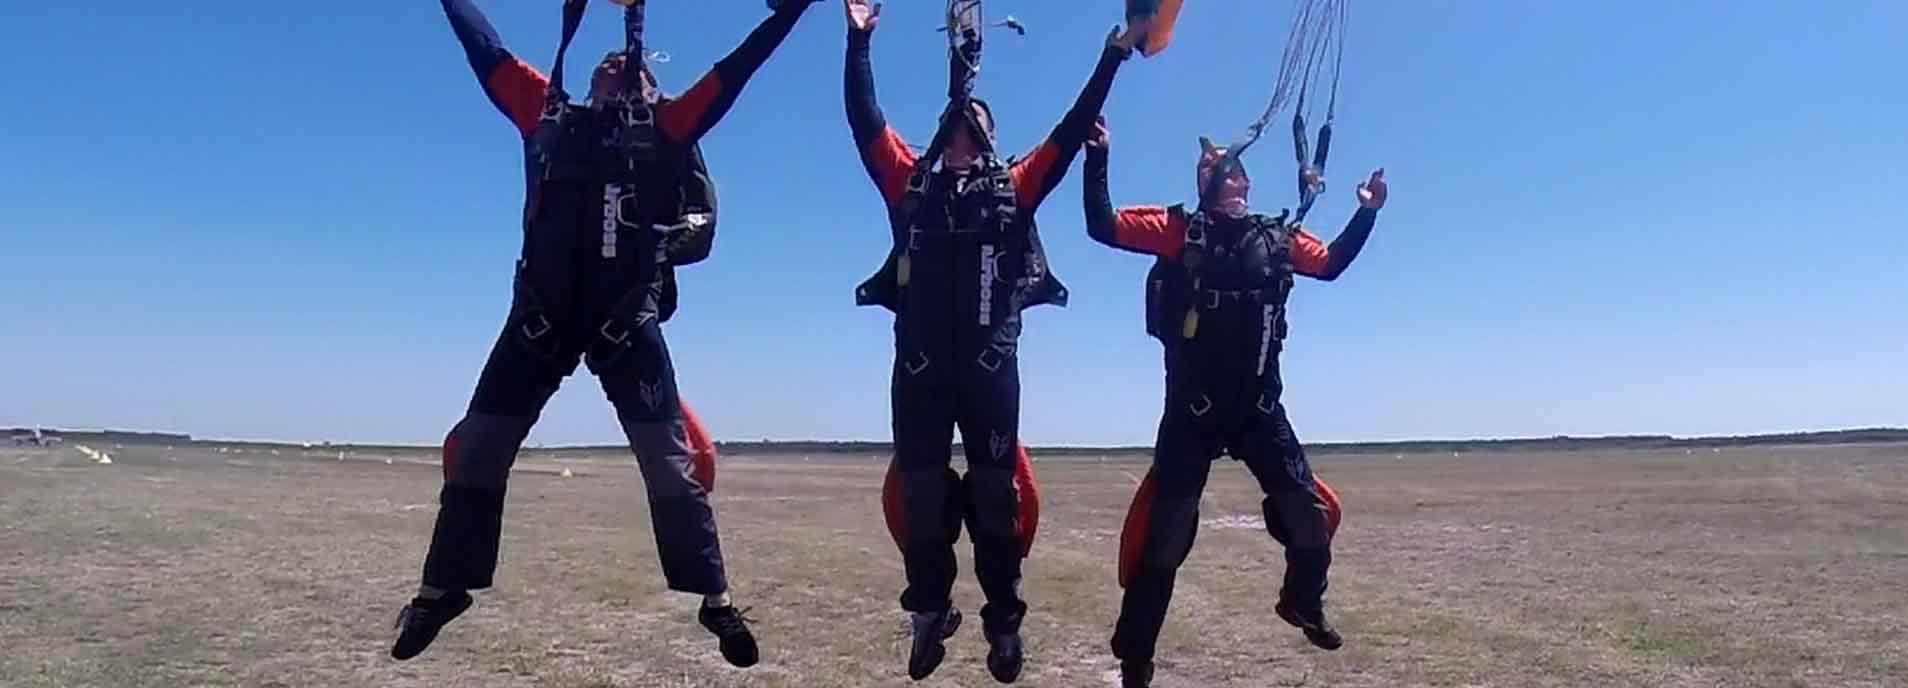 Waar kan ik skydiven